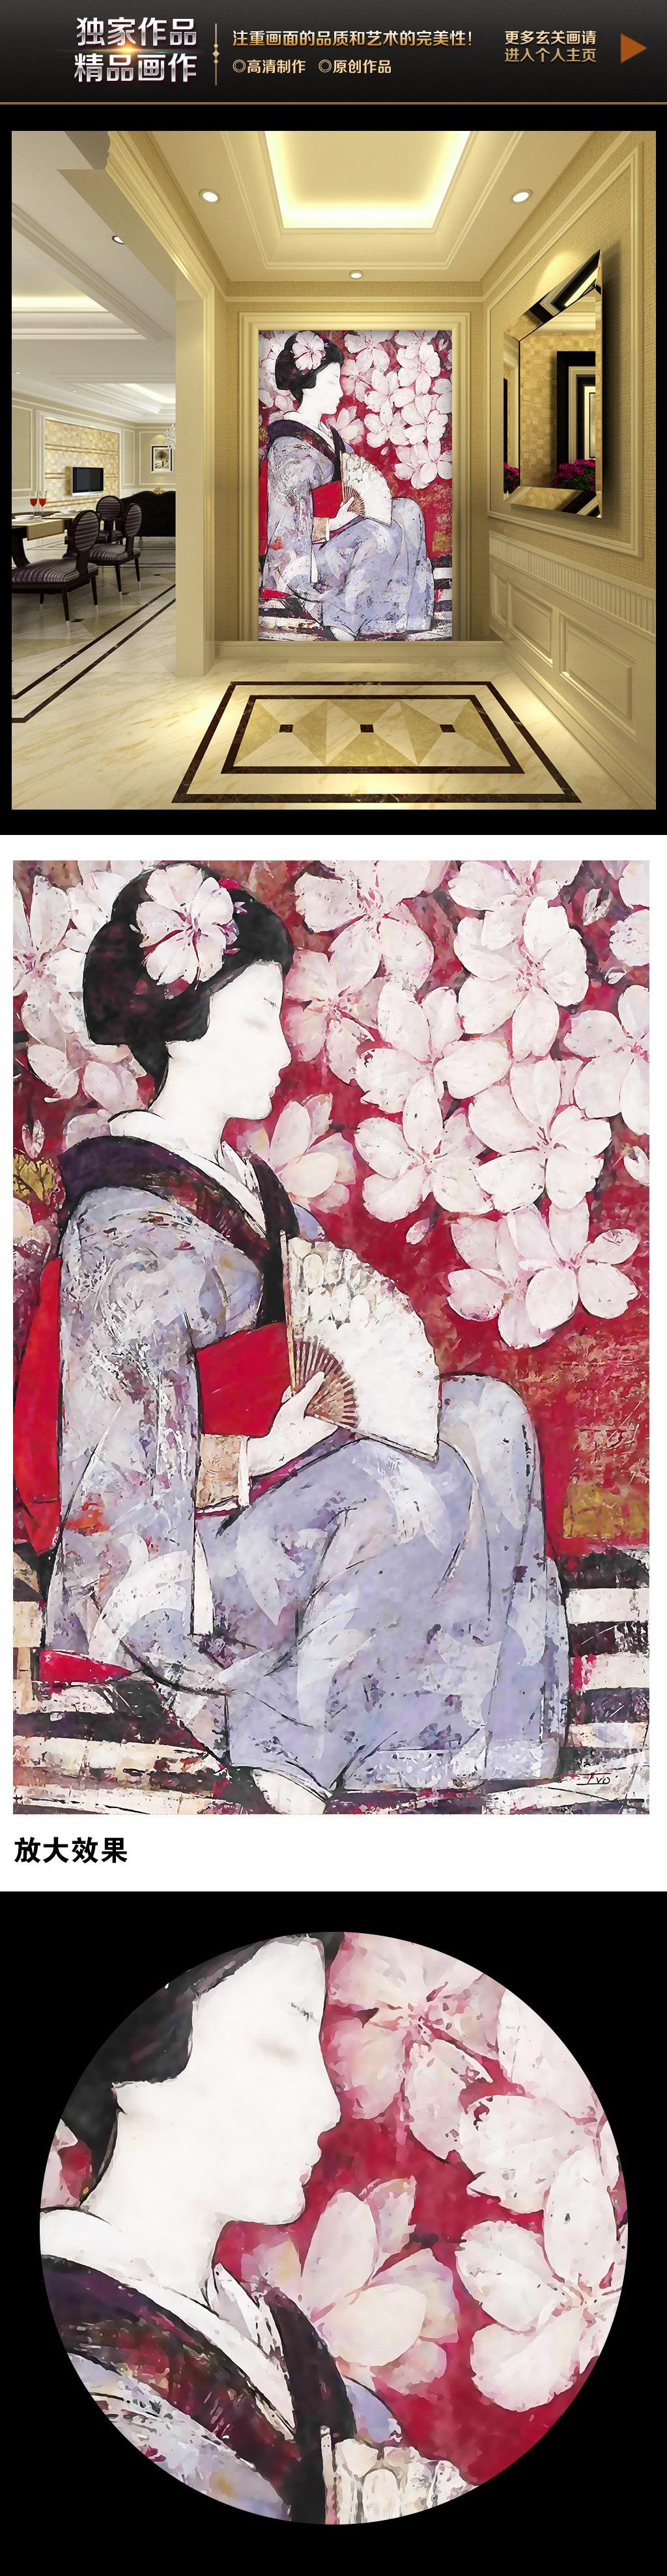 日本和服女高清图片下载(图片编号12705611)油画|立体